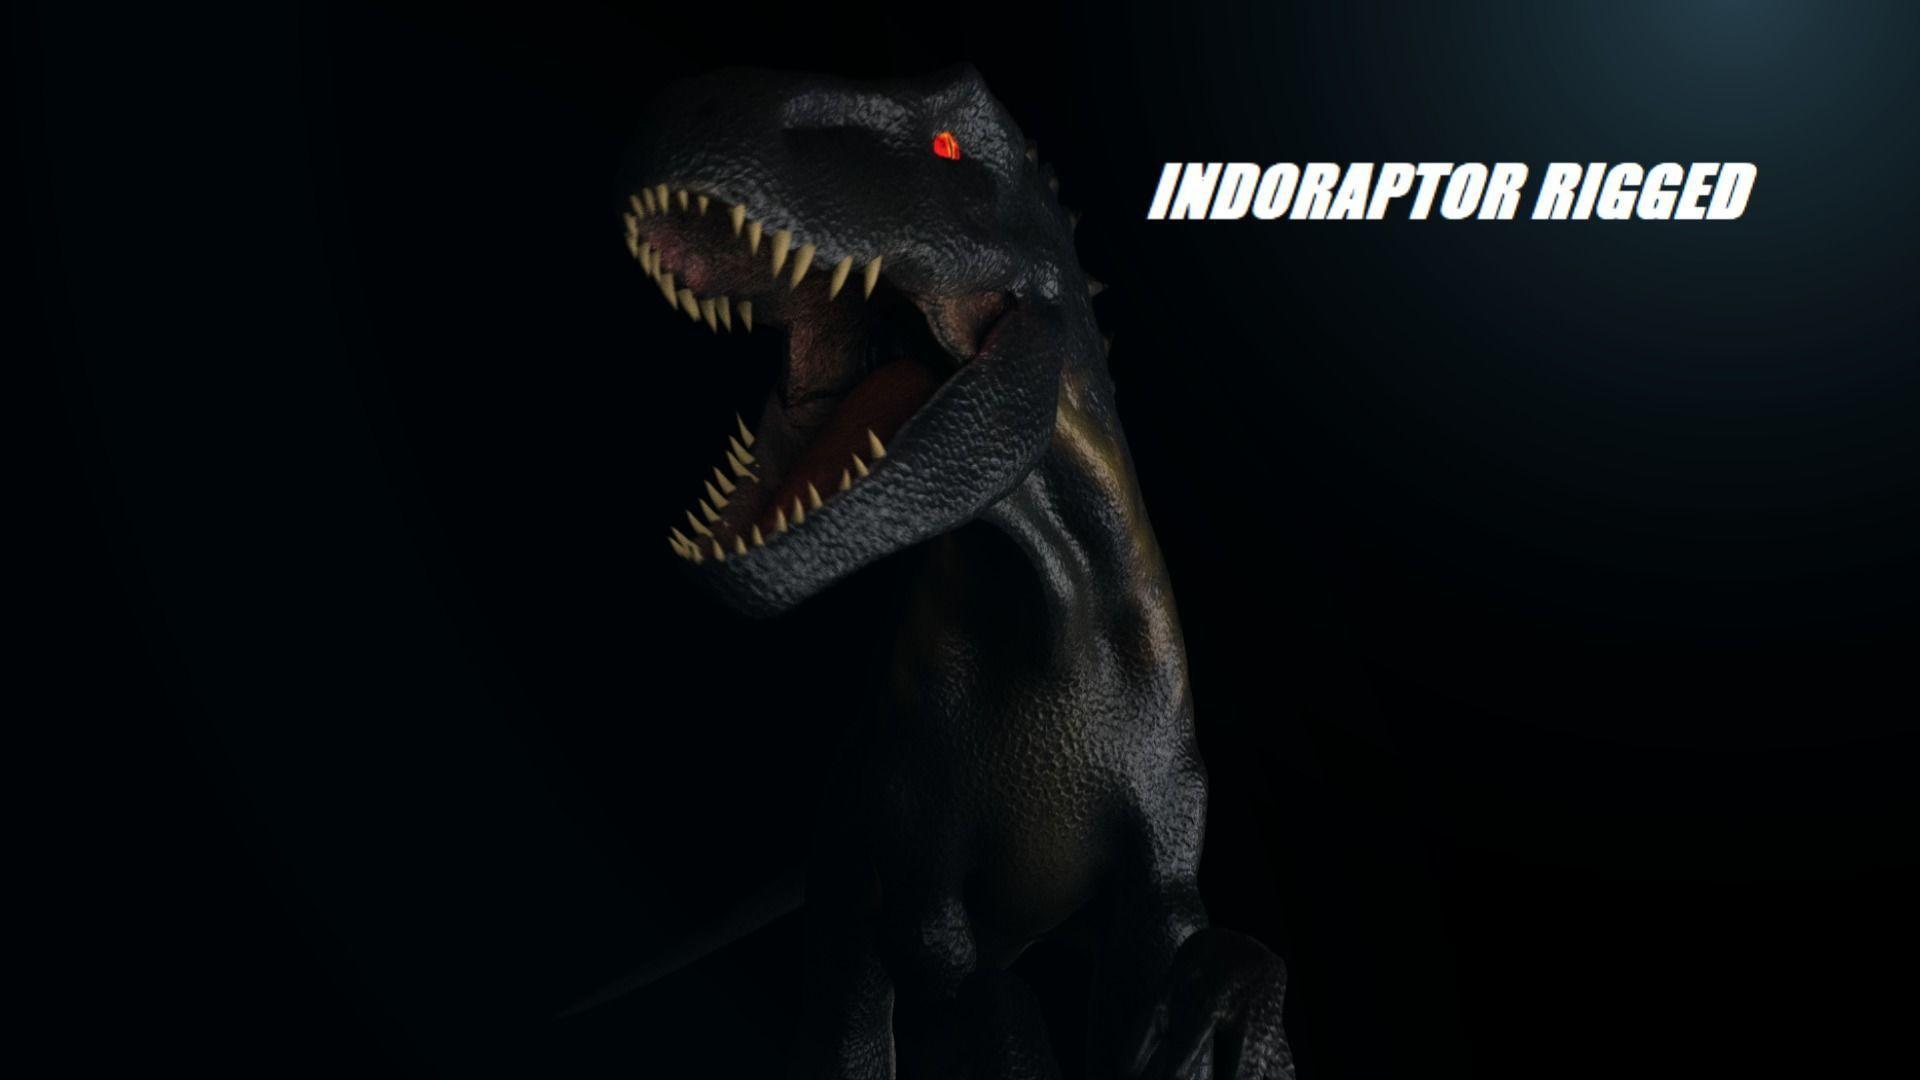 Indoraptor Rigged 2018